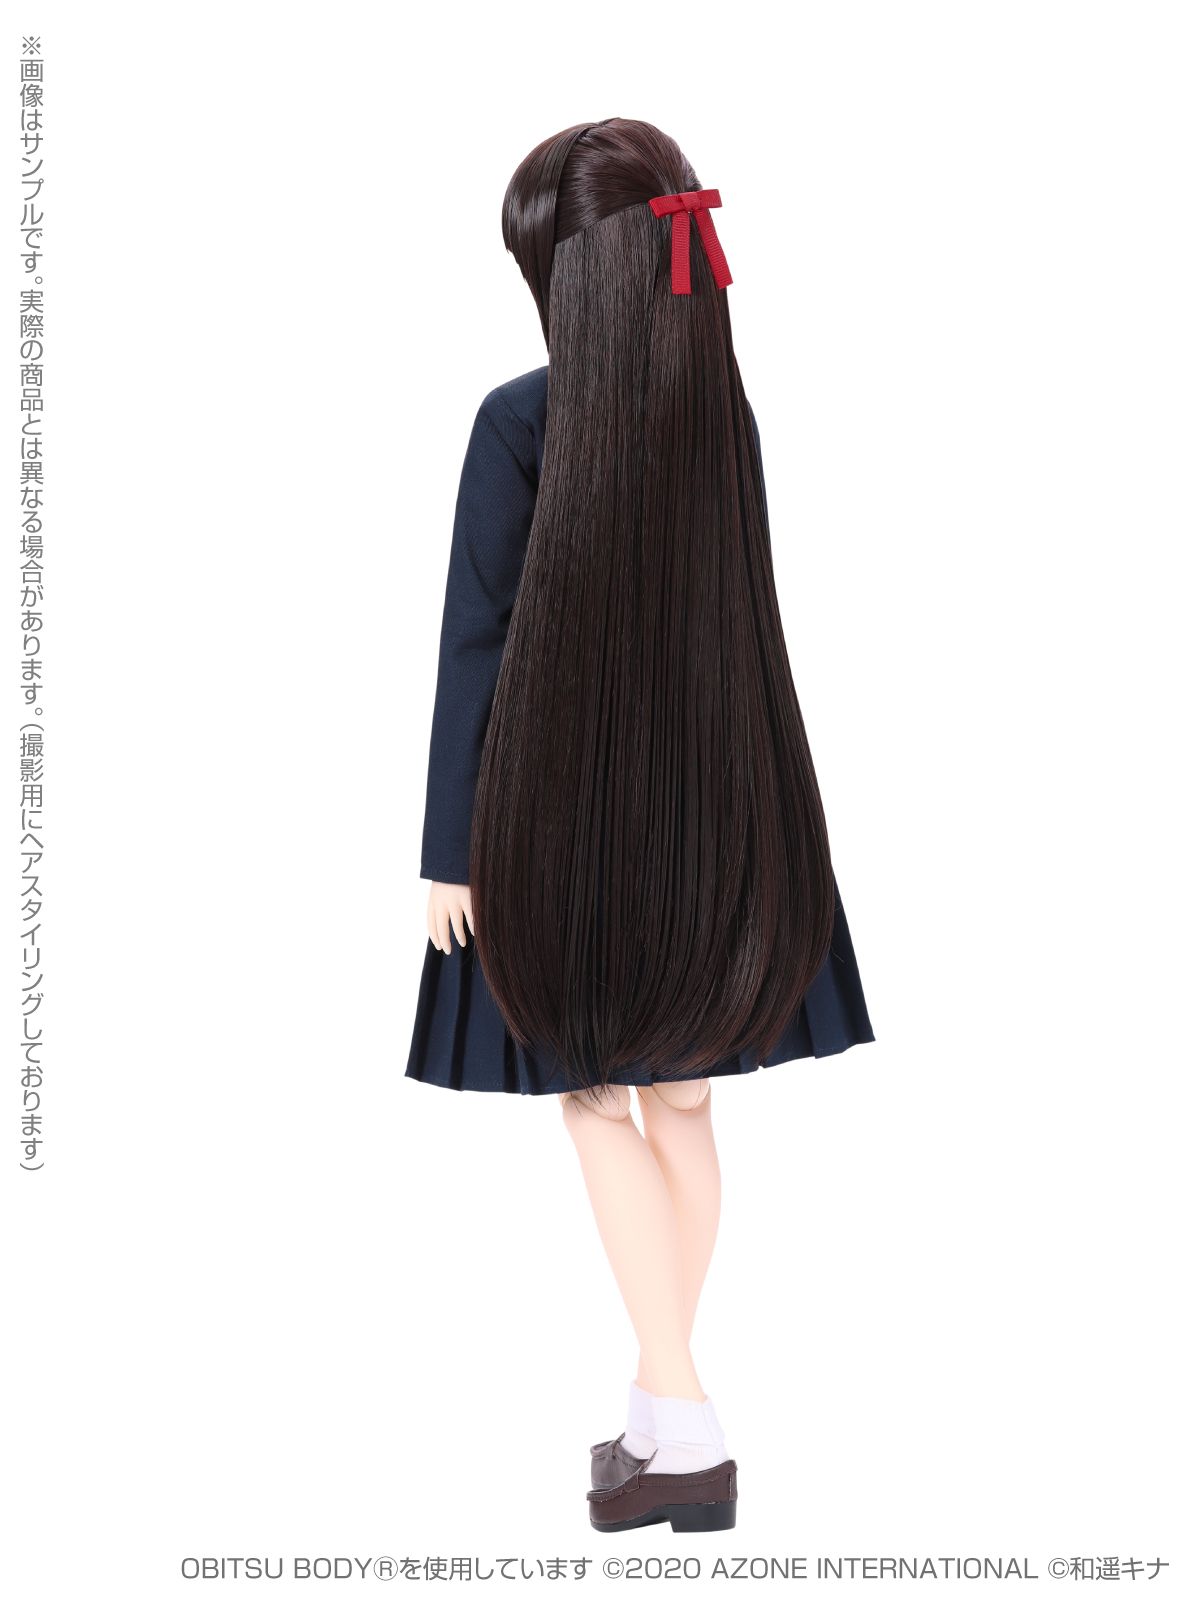 【限定販売】Happiness Clover『和遥キナ学校制服コレクション / ゆかりver.1.1』1/3 完成品ドール-008